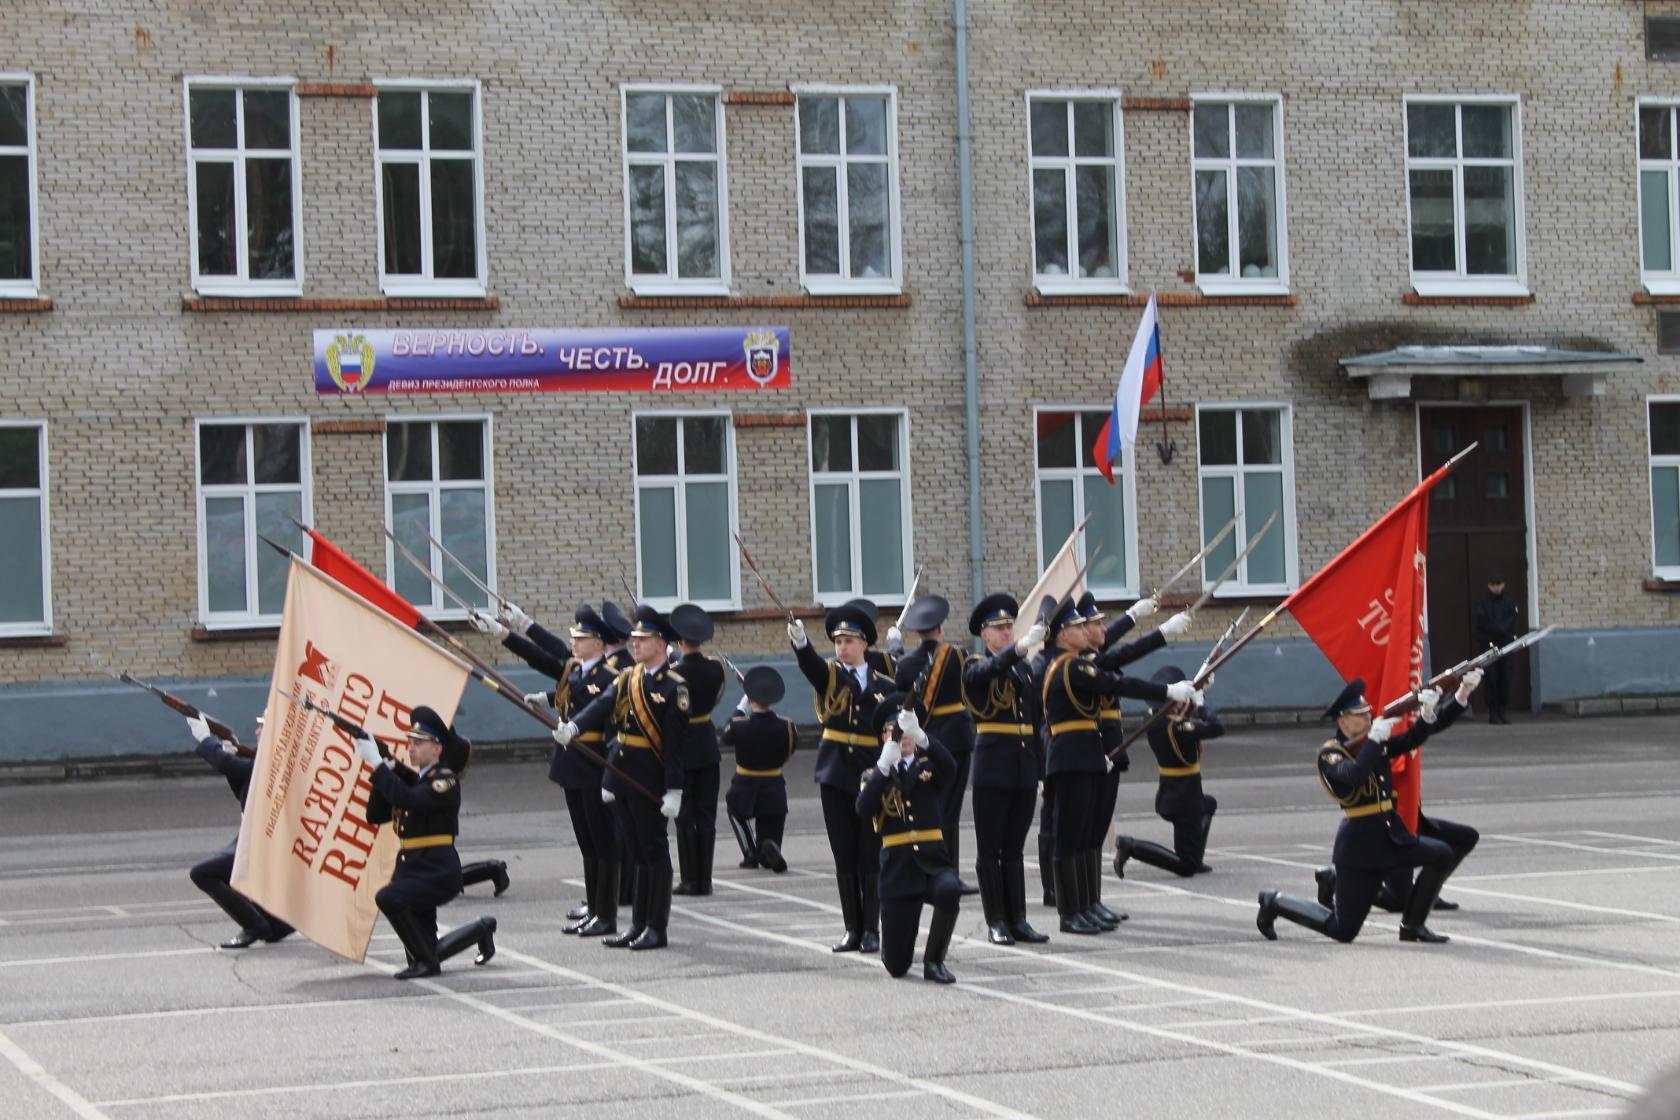 Воронежские Кремлёвцы пост не сдают